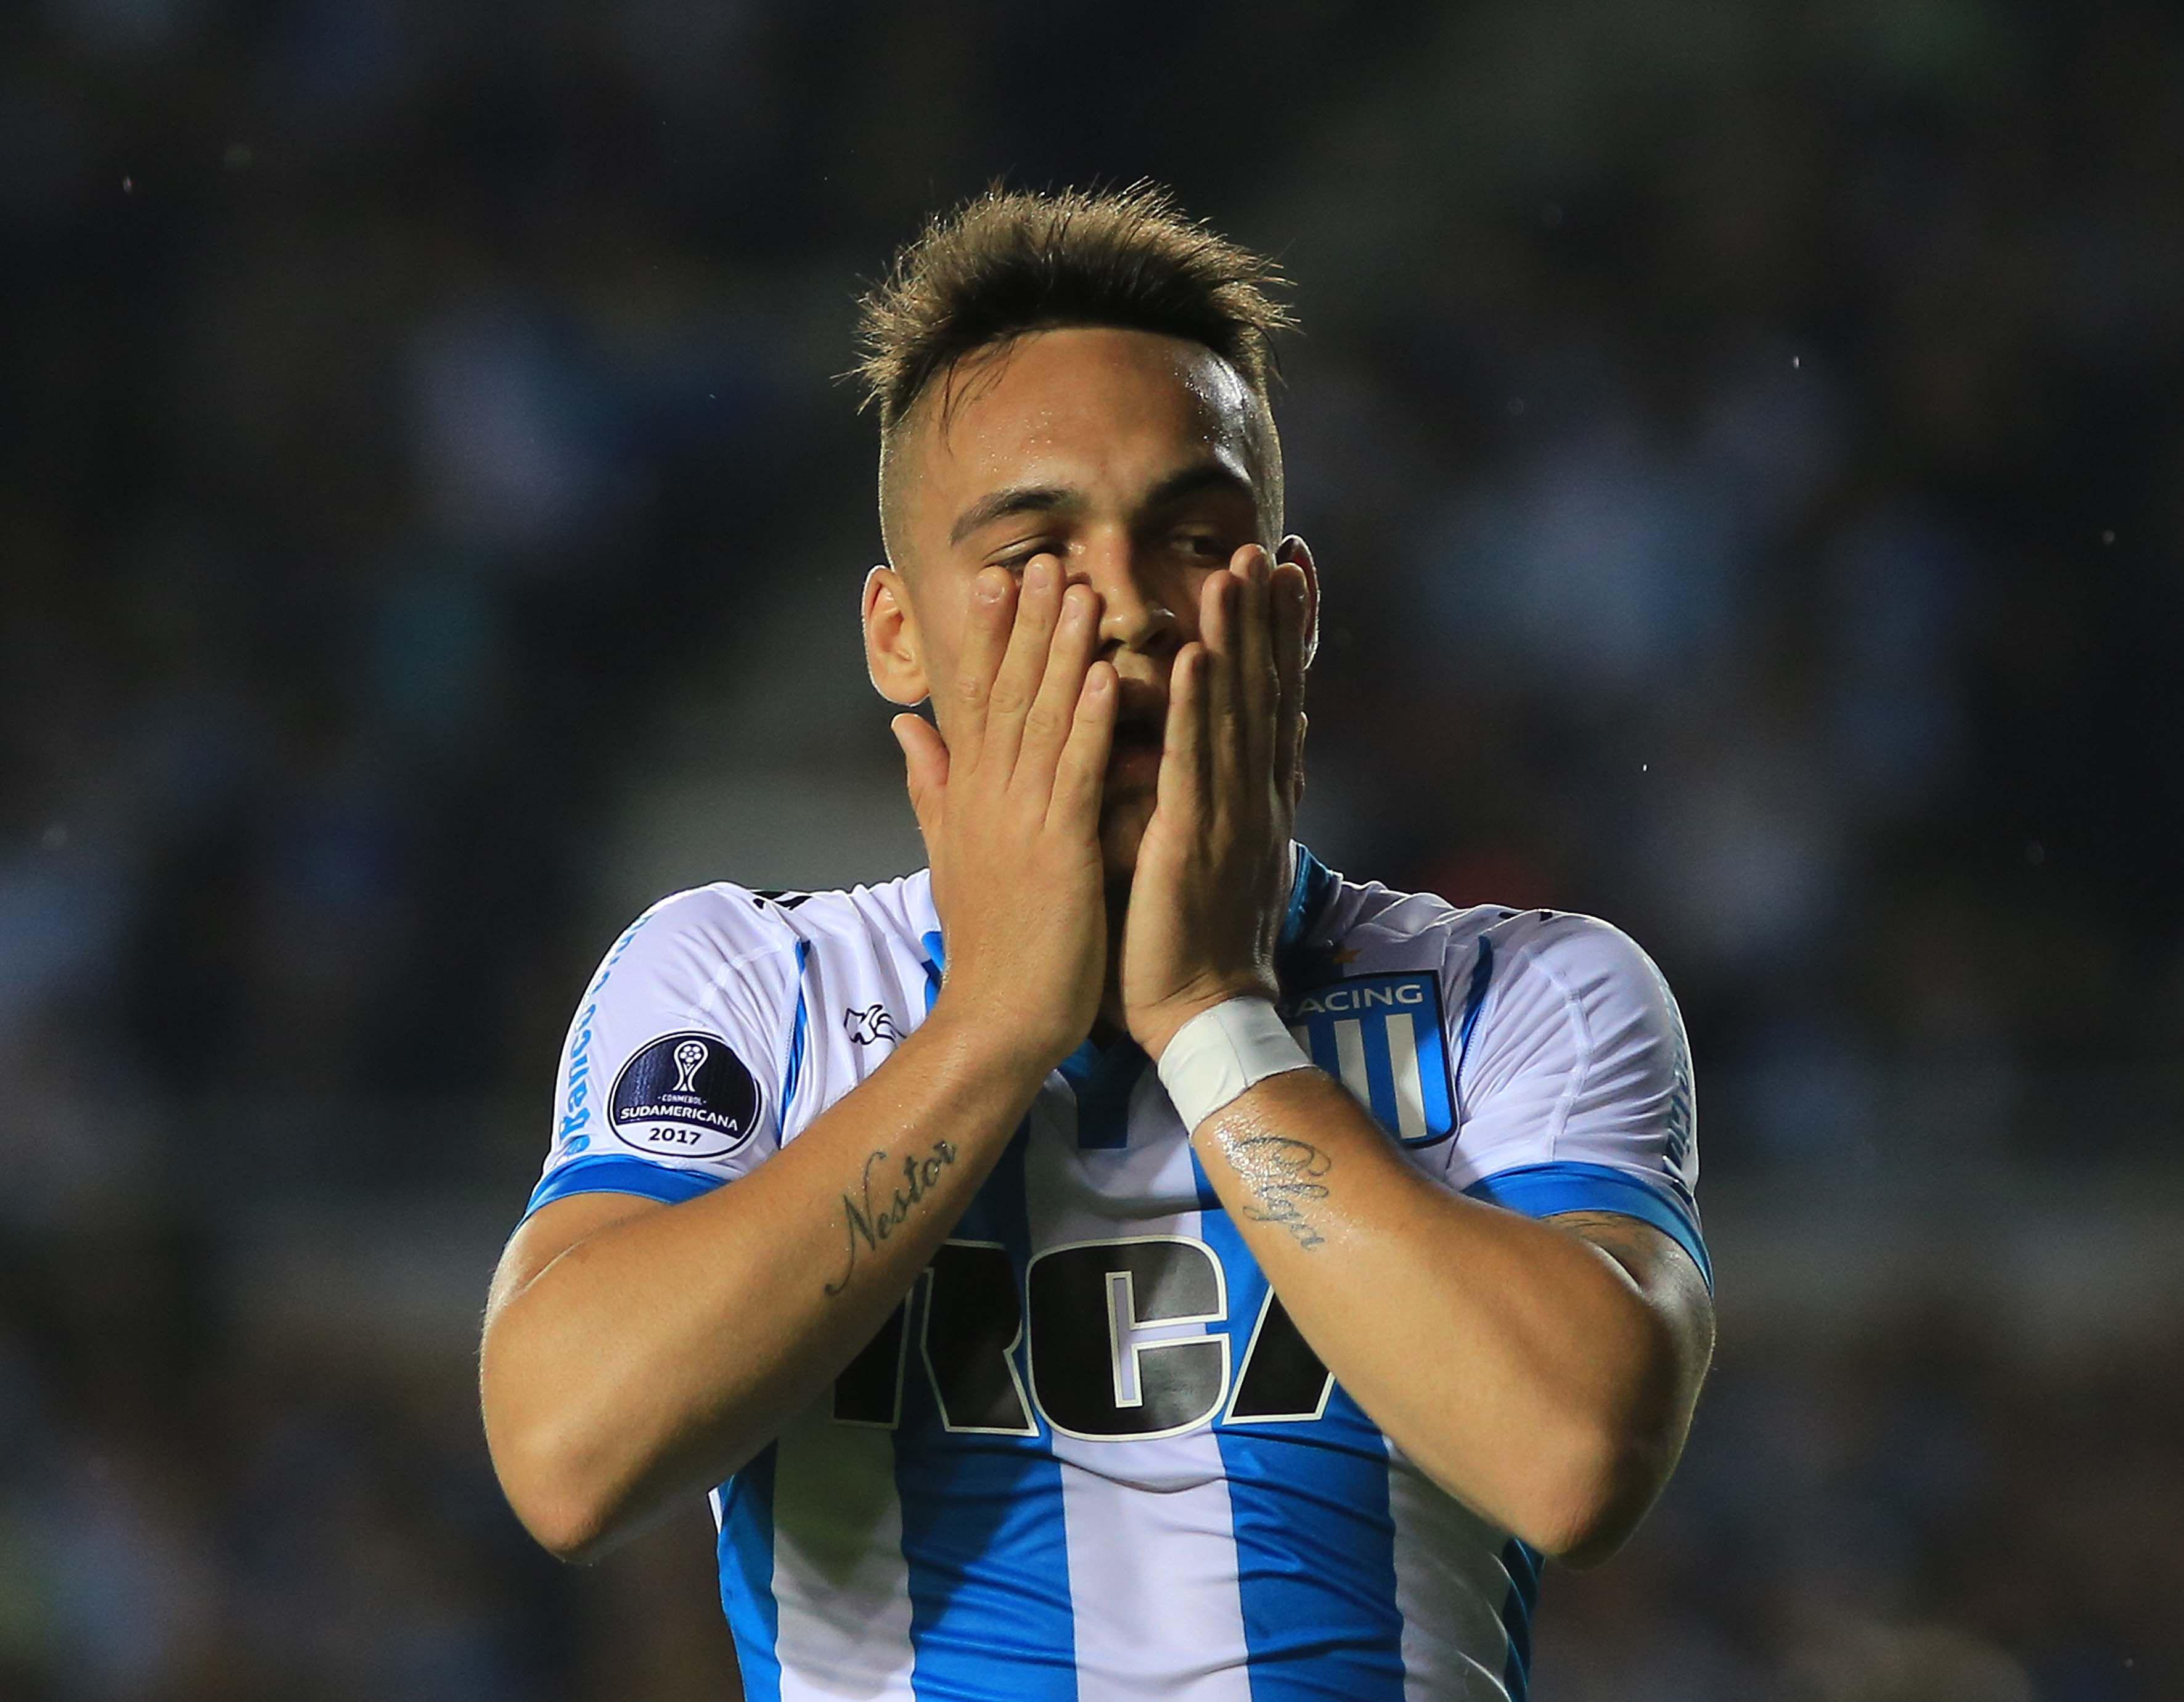 Racing rechazó una montaña de euros del Atlético de Madrid por Lautaro Martínez